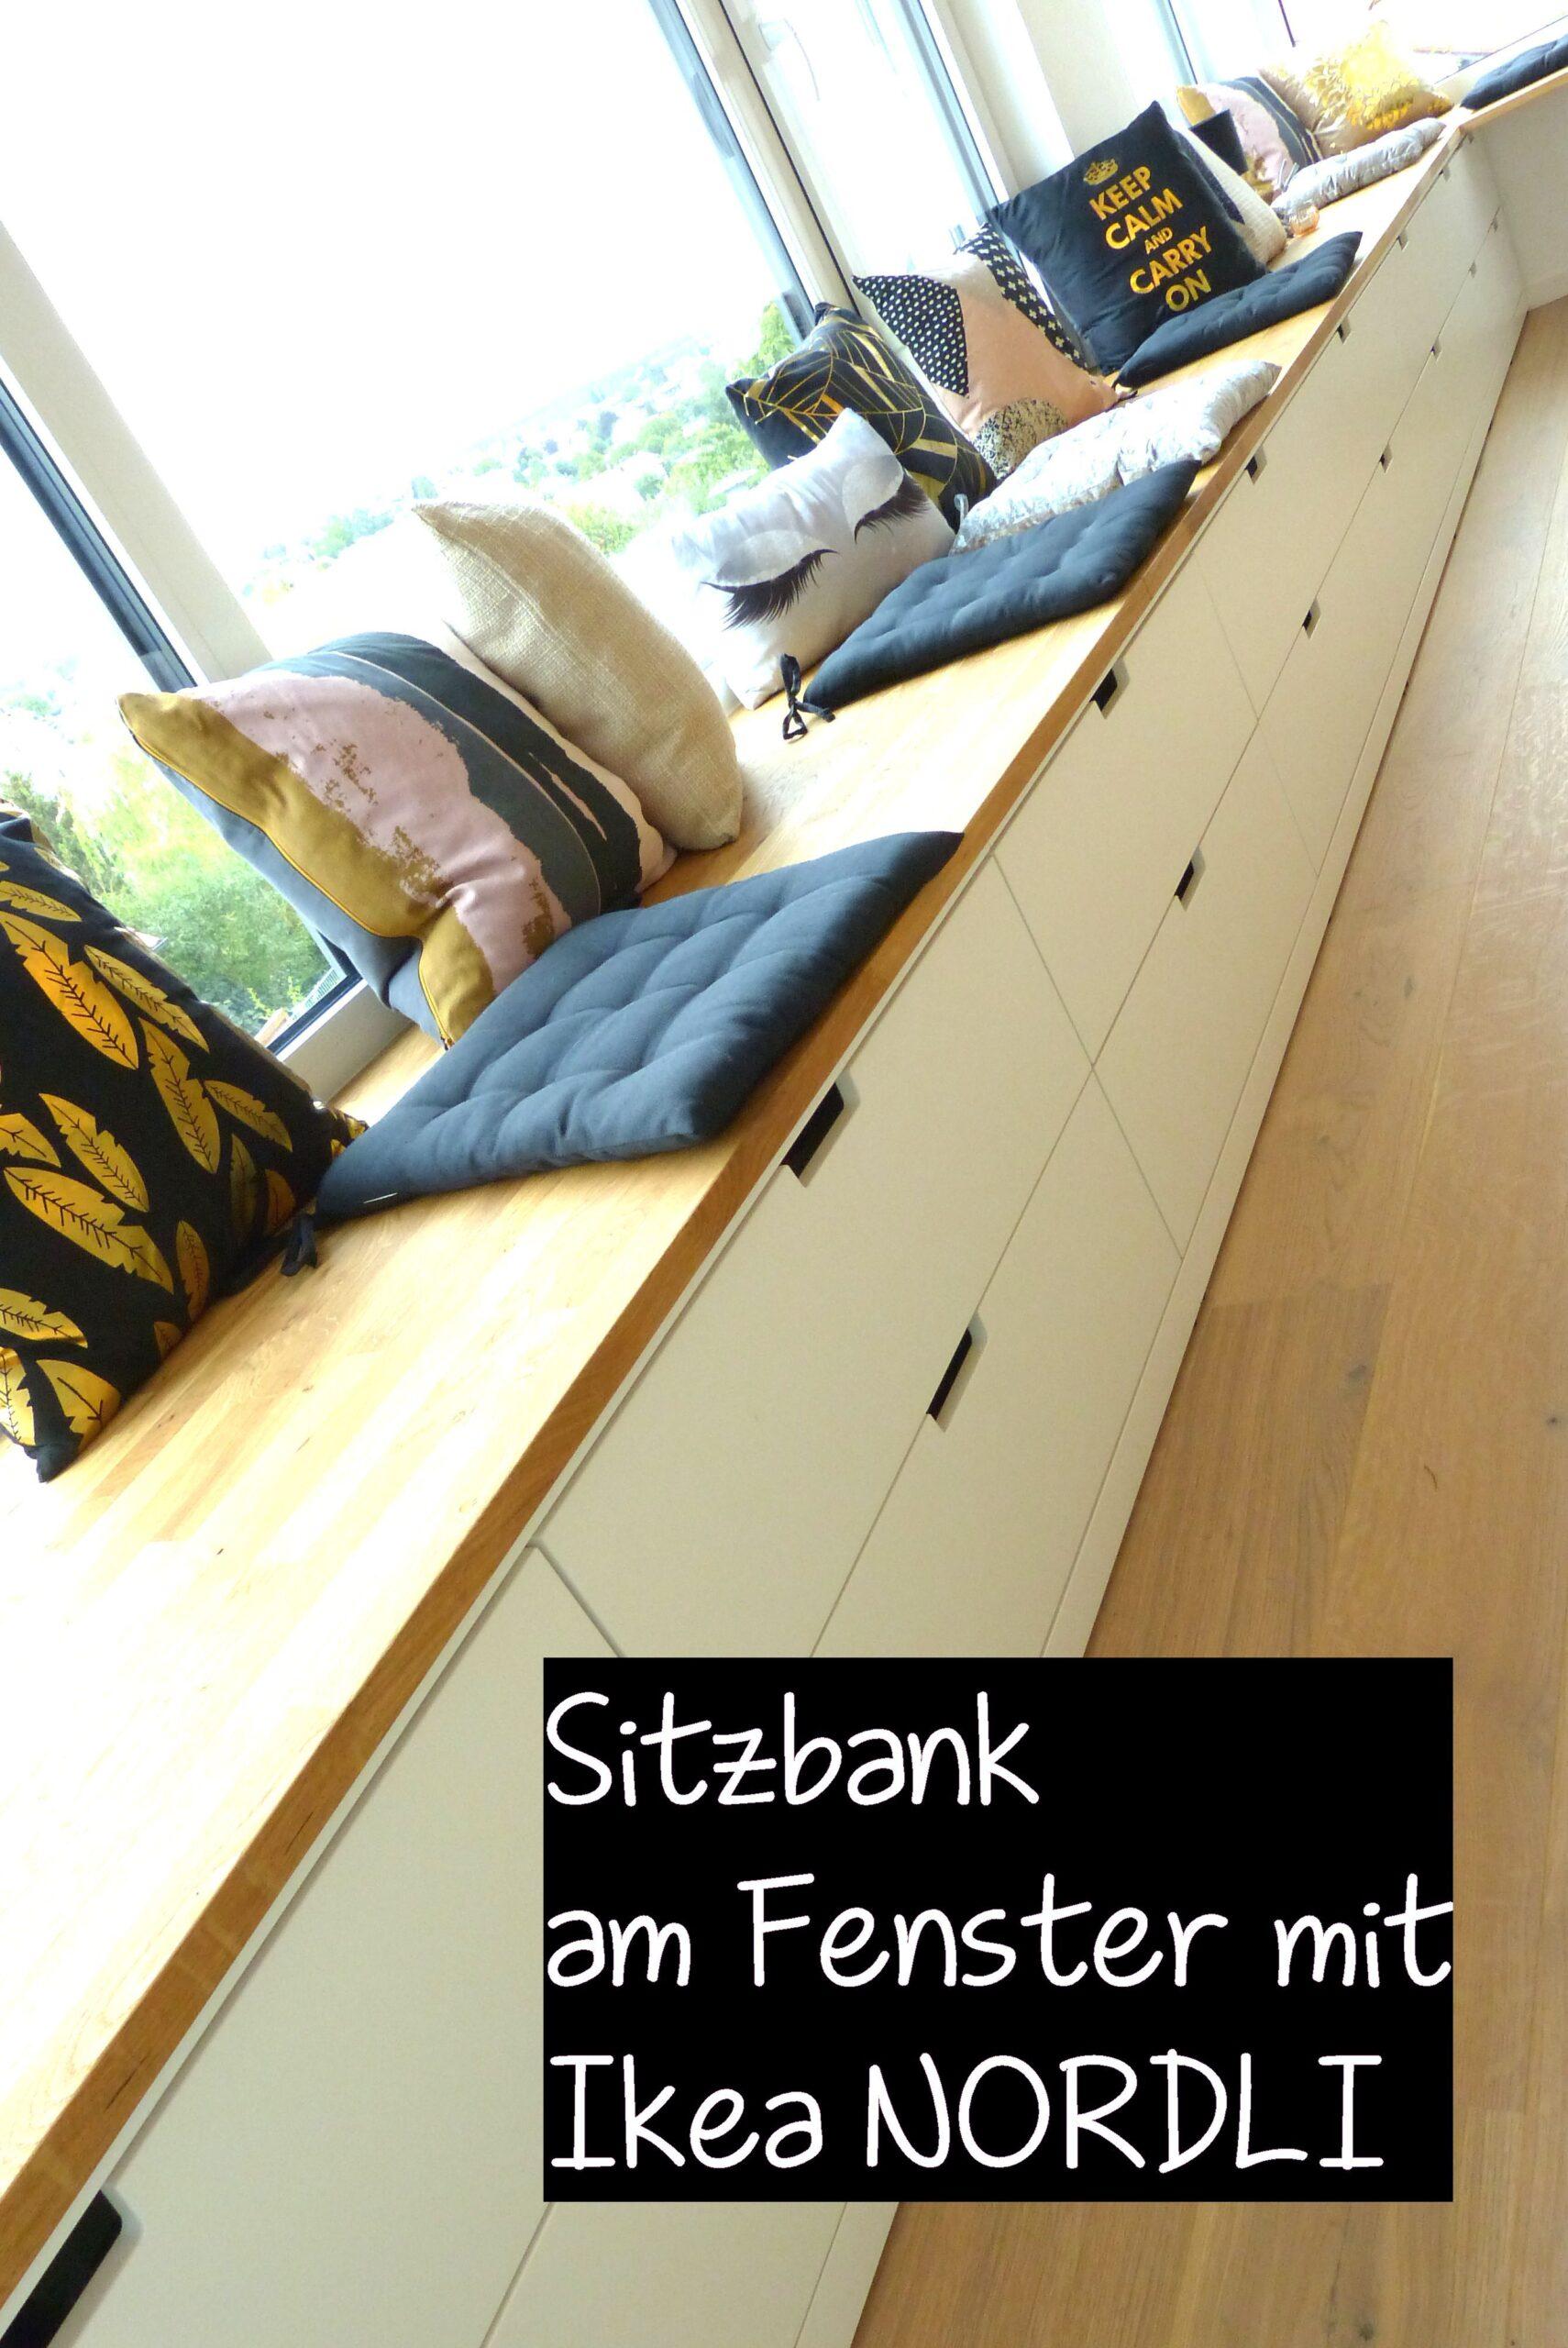 Full Size of Ikea Hack Sitzbank Esszimmer Küche Mit Lehne Modulküche Bett Kosten Sofa Schlaffunktion Betten 160x200 Miniküche Schlafzimmer Kaufen Für Bei Bad Garten Wohnzimmer Ikea Hack Sitzbank Esszimmer